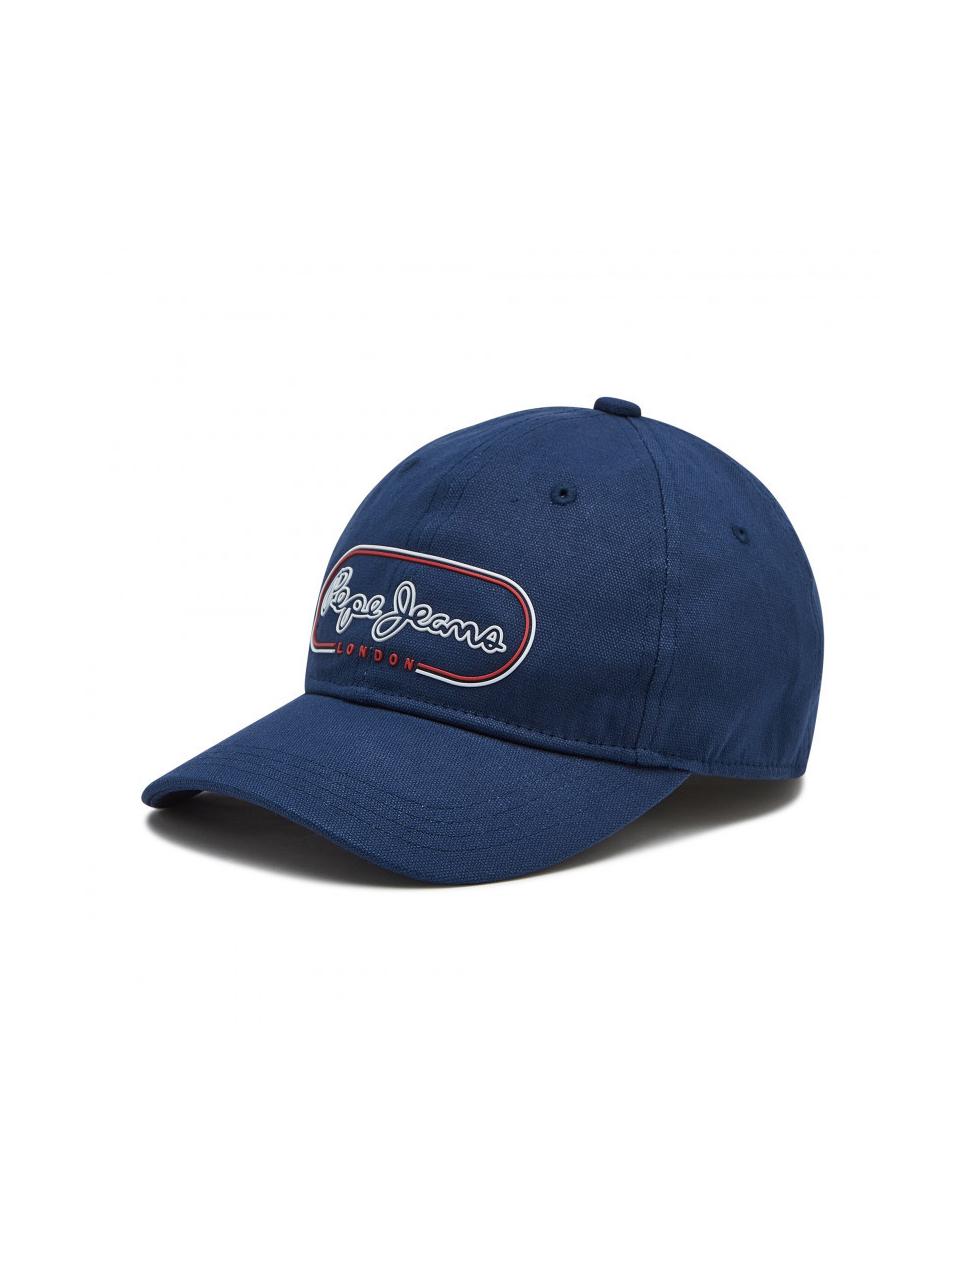 Pepe Jeans dámská tmavě modrá kšiltovka JANA CAP